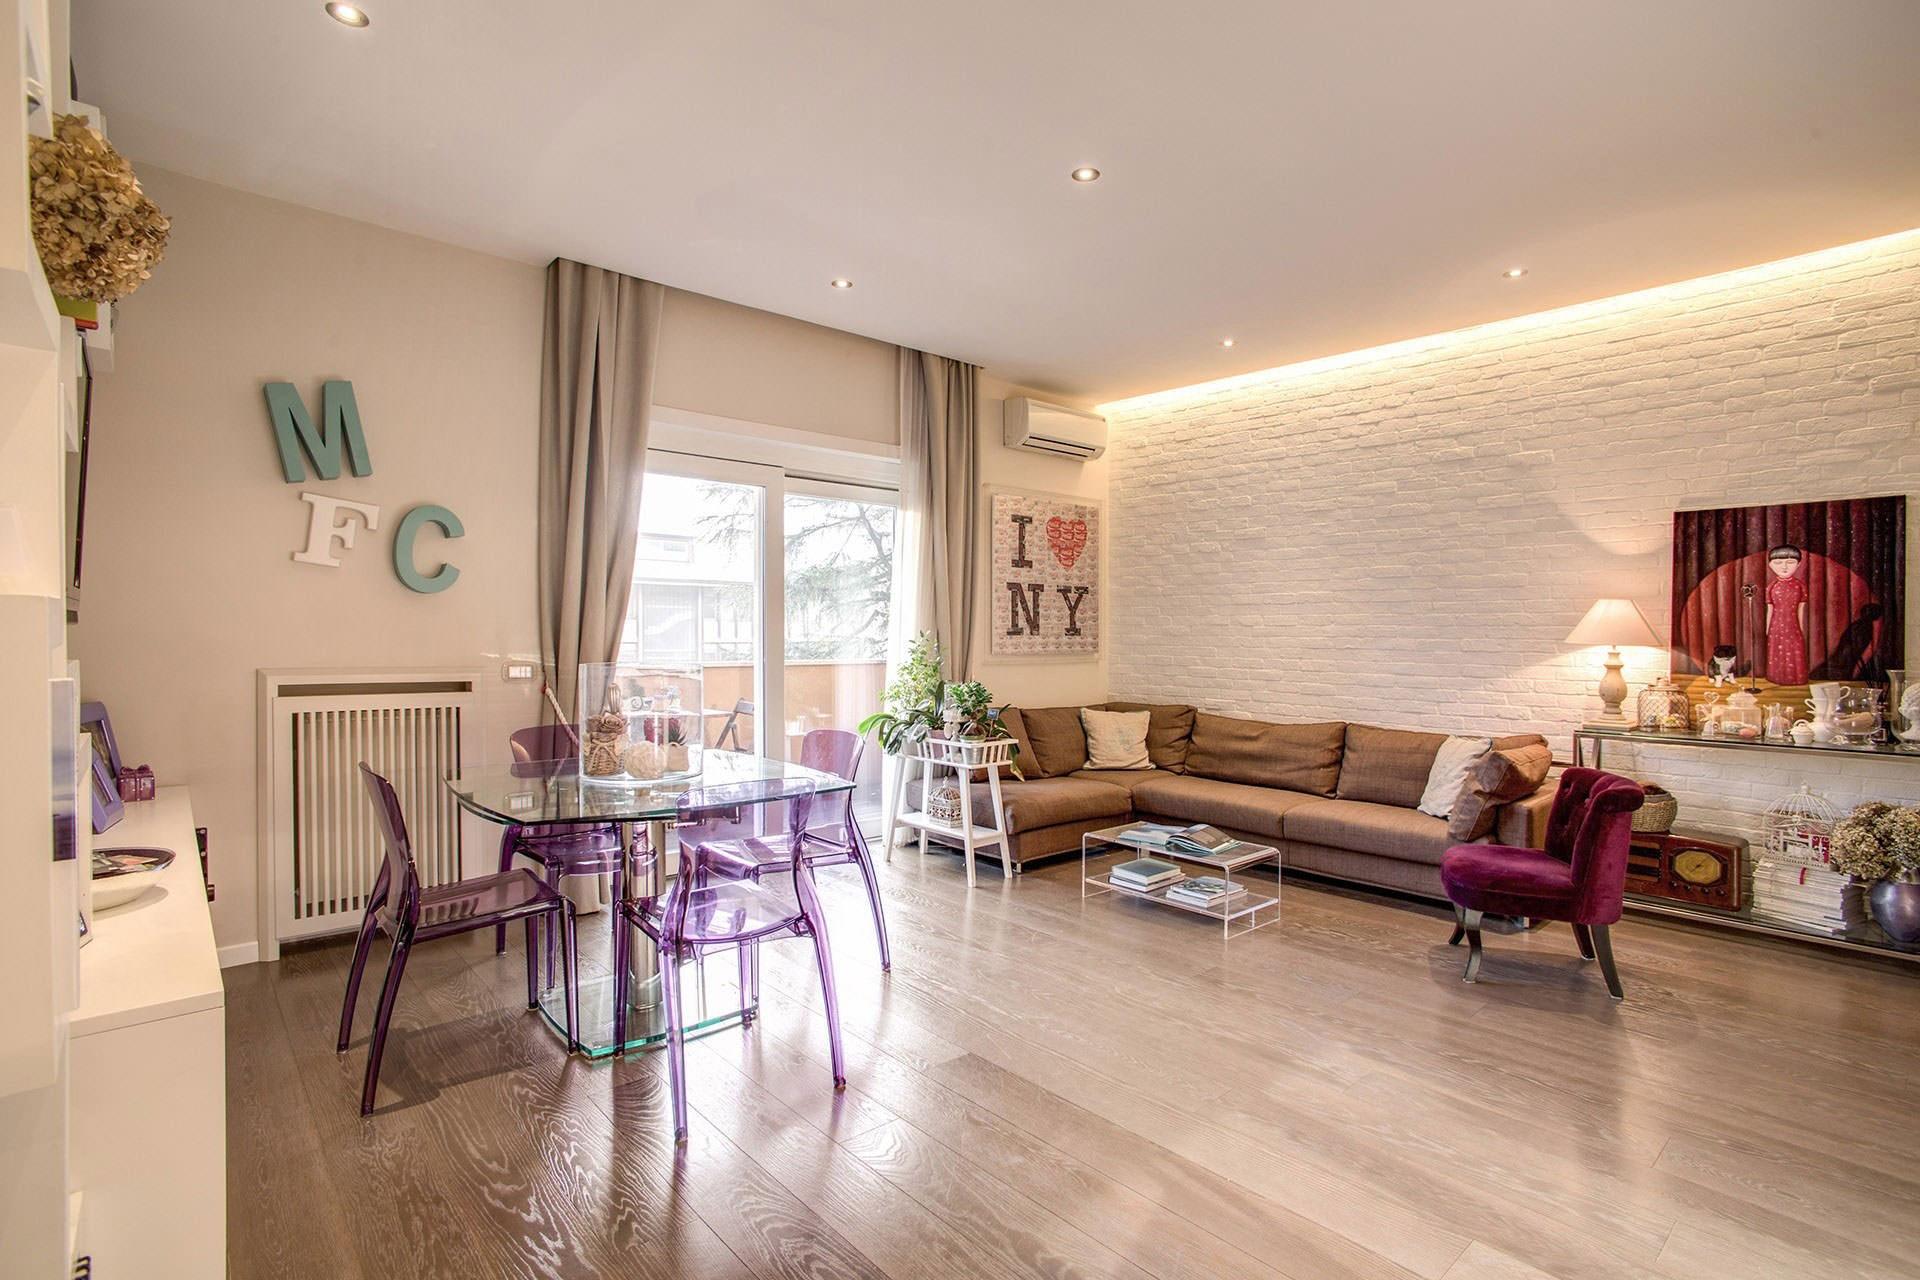 komforten-apartament-sas-sempal-dizain-v-rim-8g